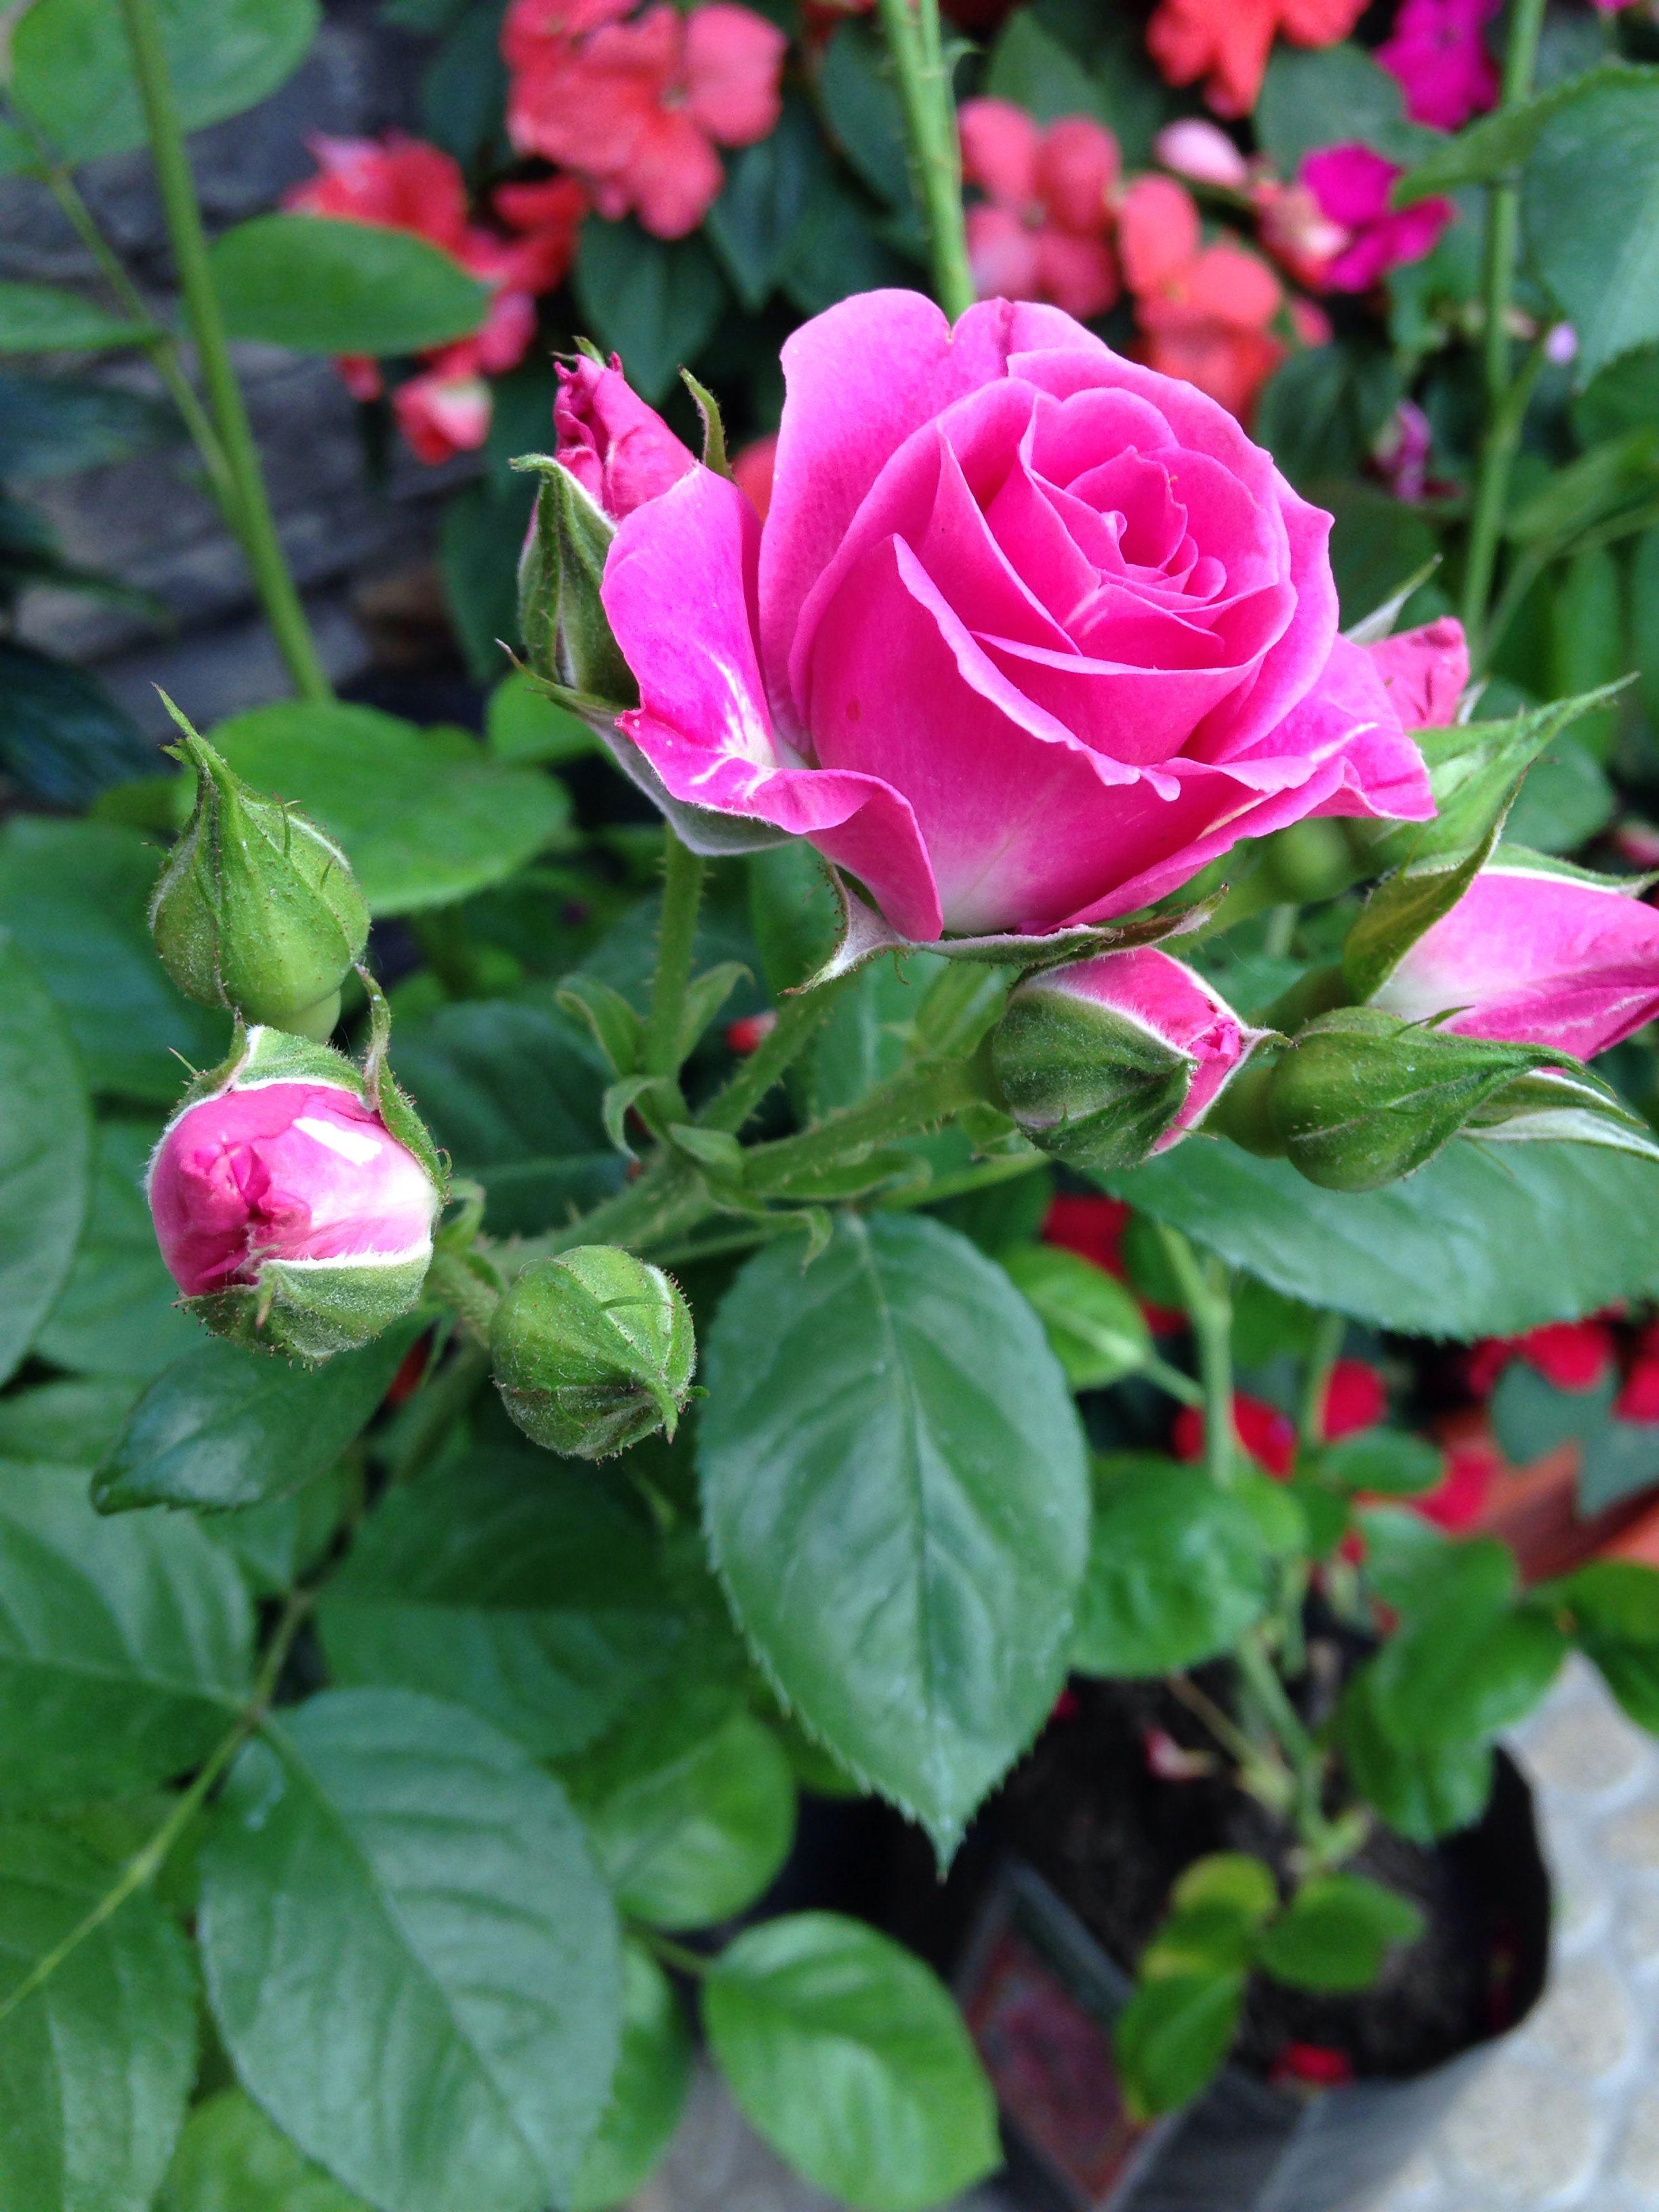 Фото Красивых Цветов Роз В Саду